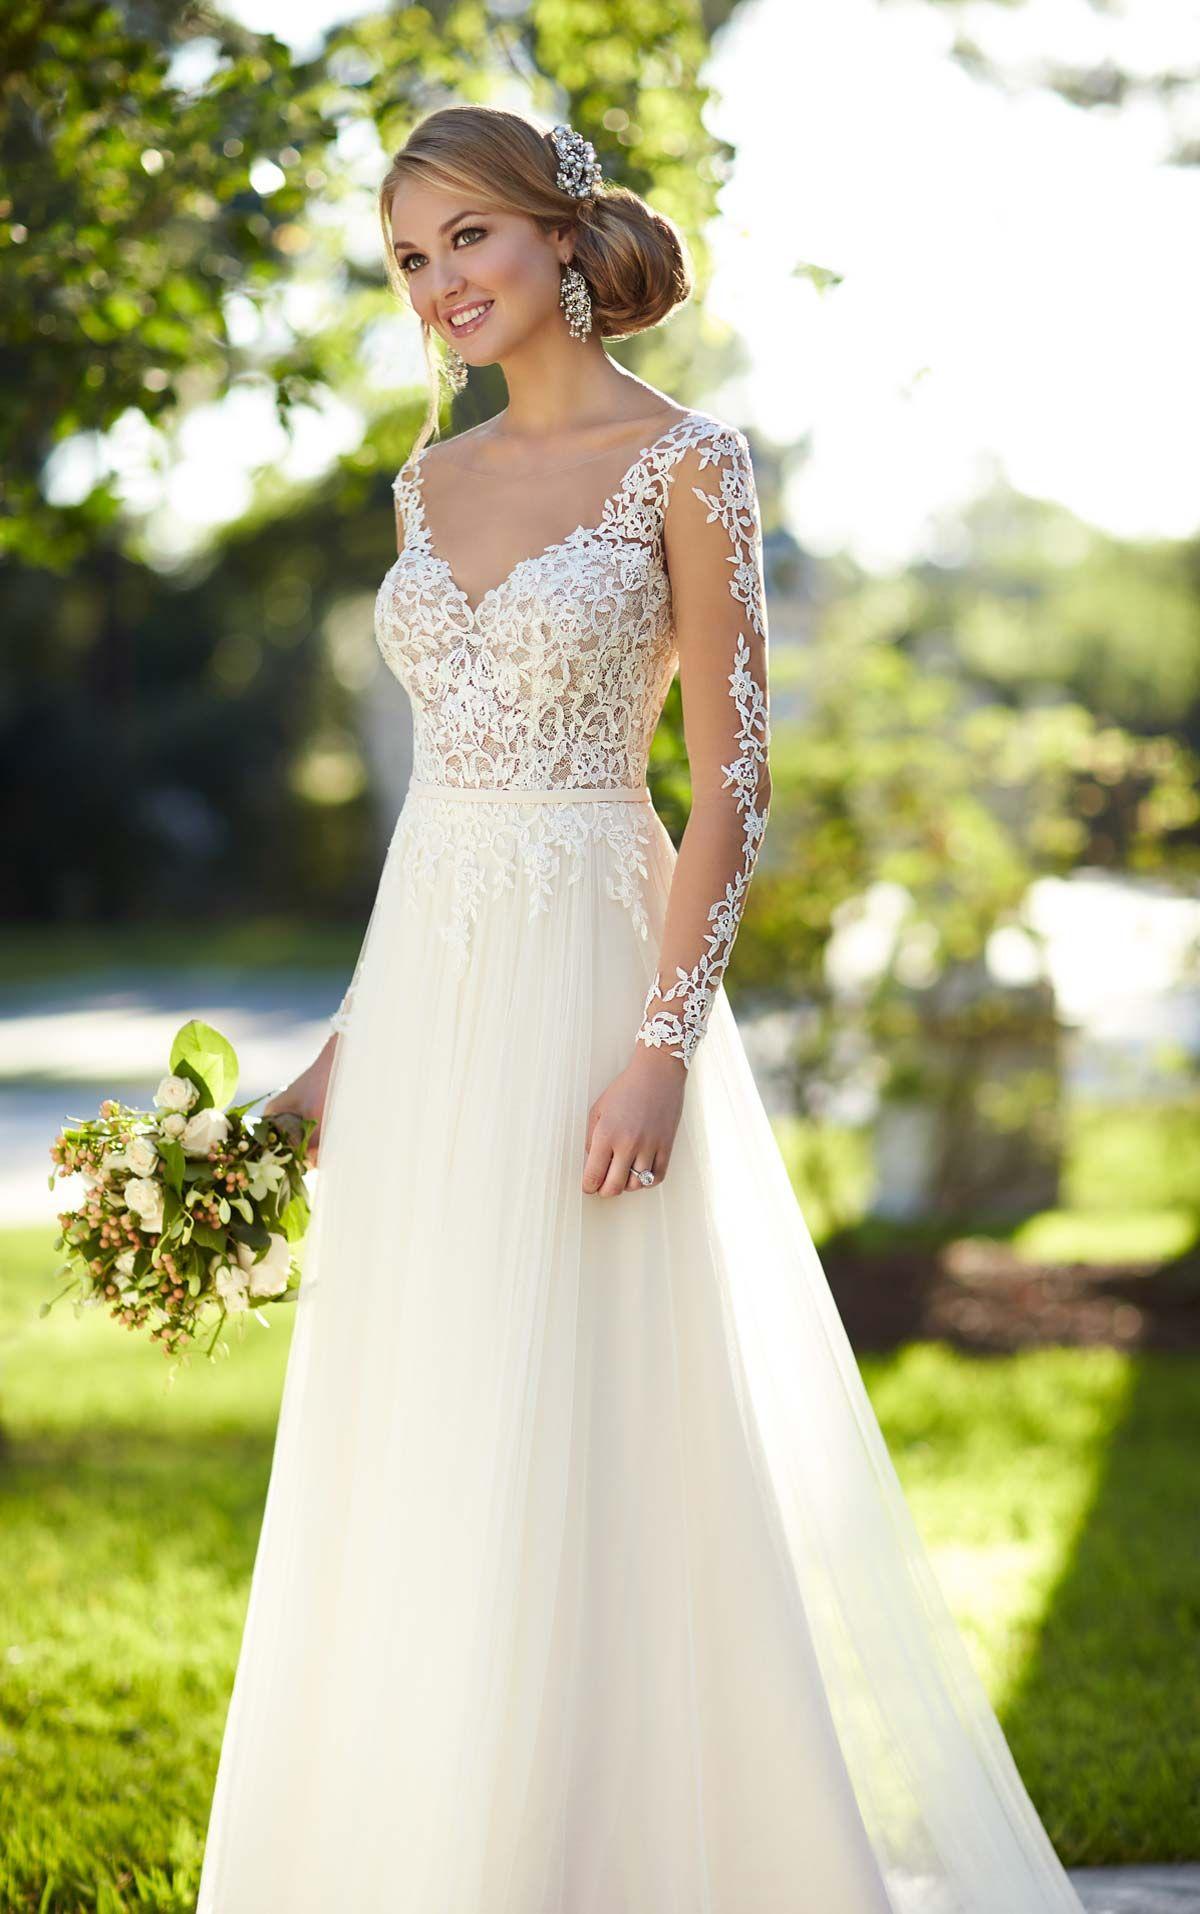 Brautkleid aus Illusion Spitze